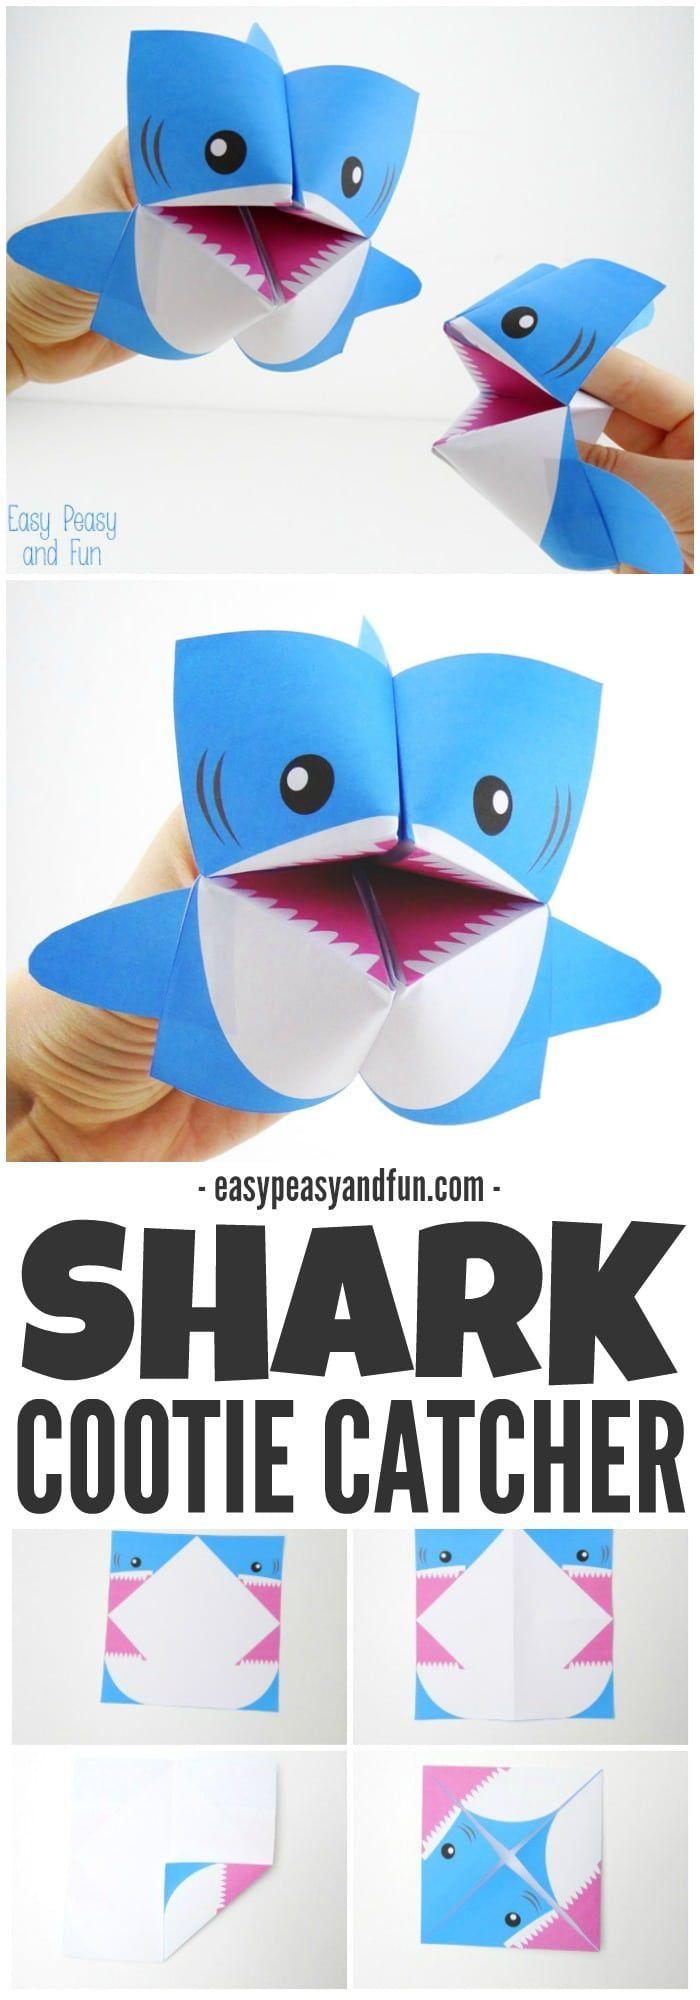 Printable Shark Cootie Catcher